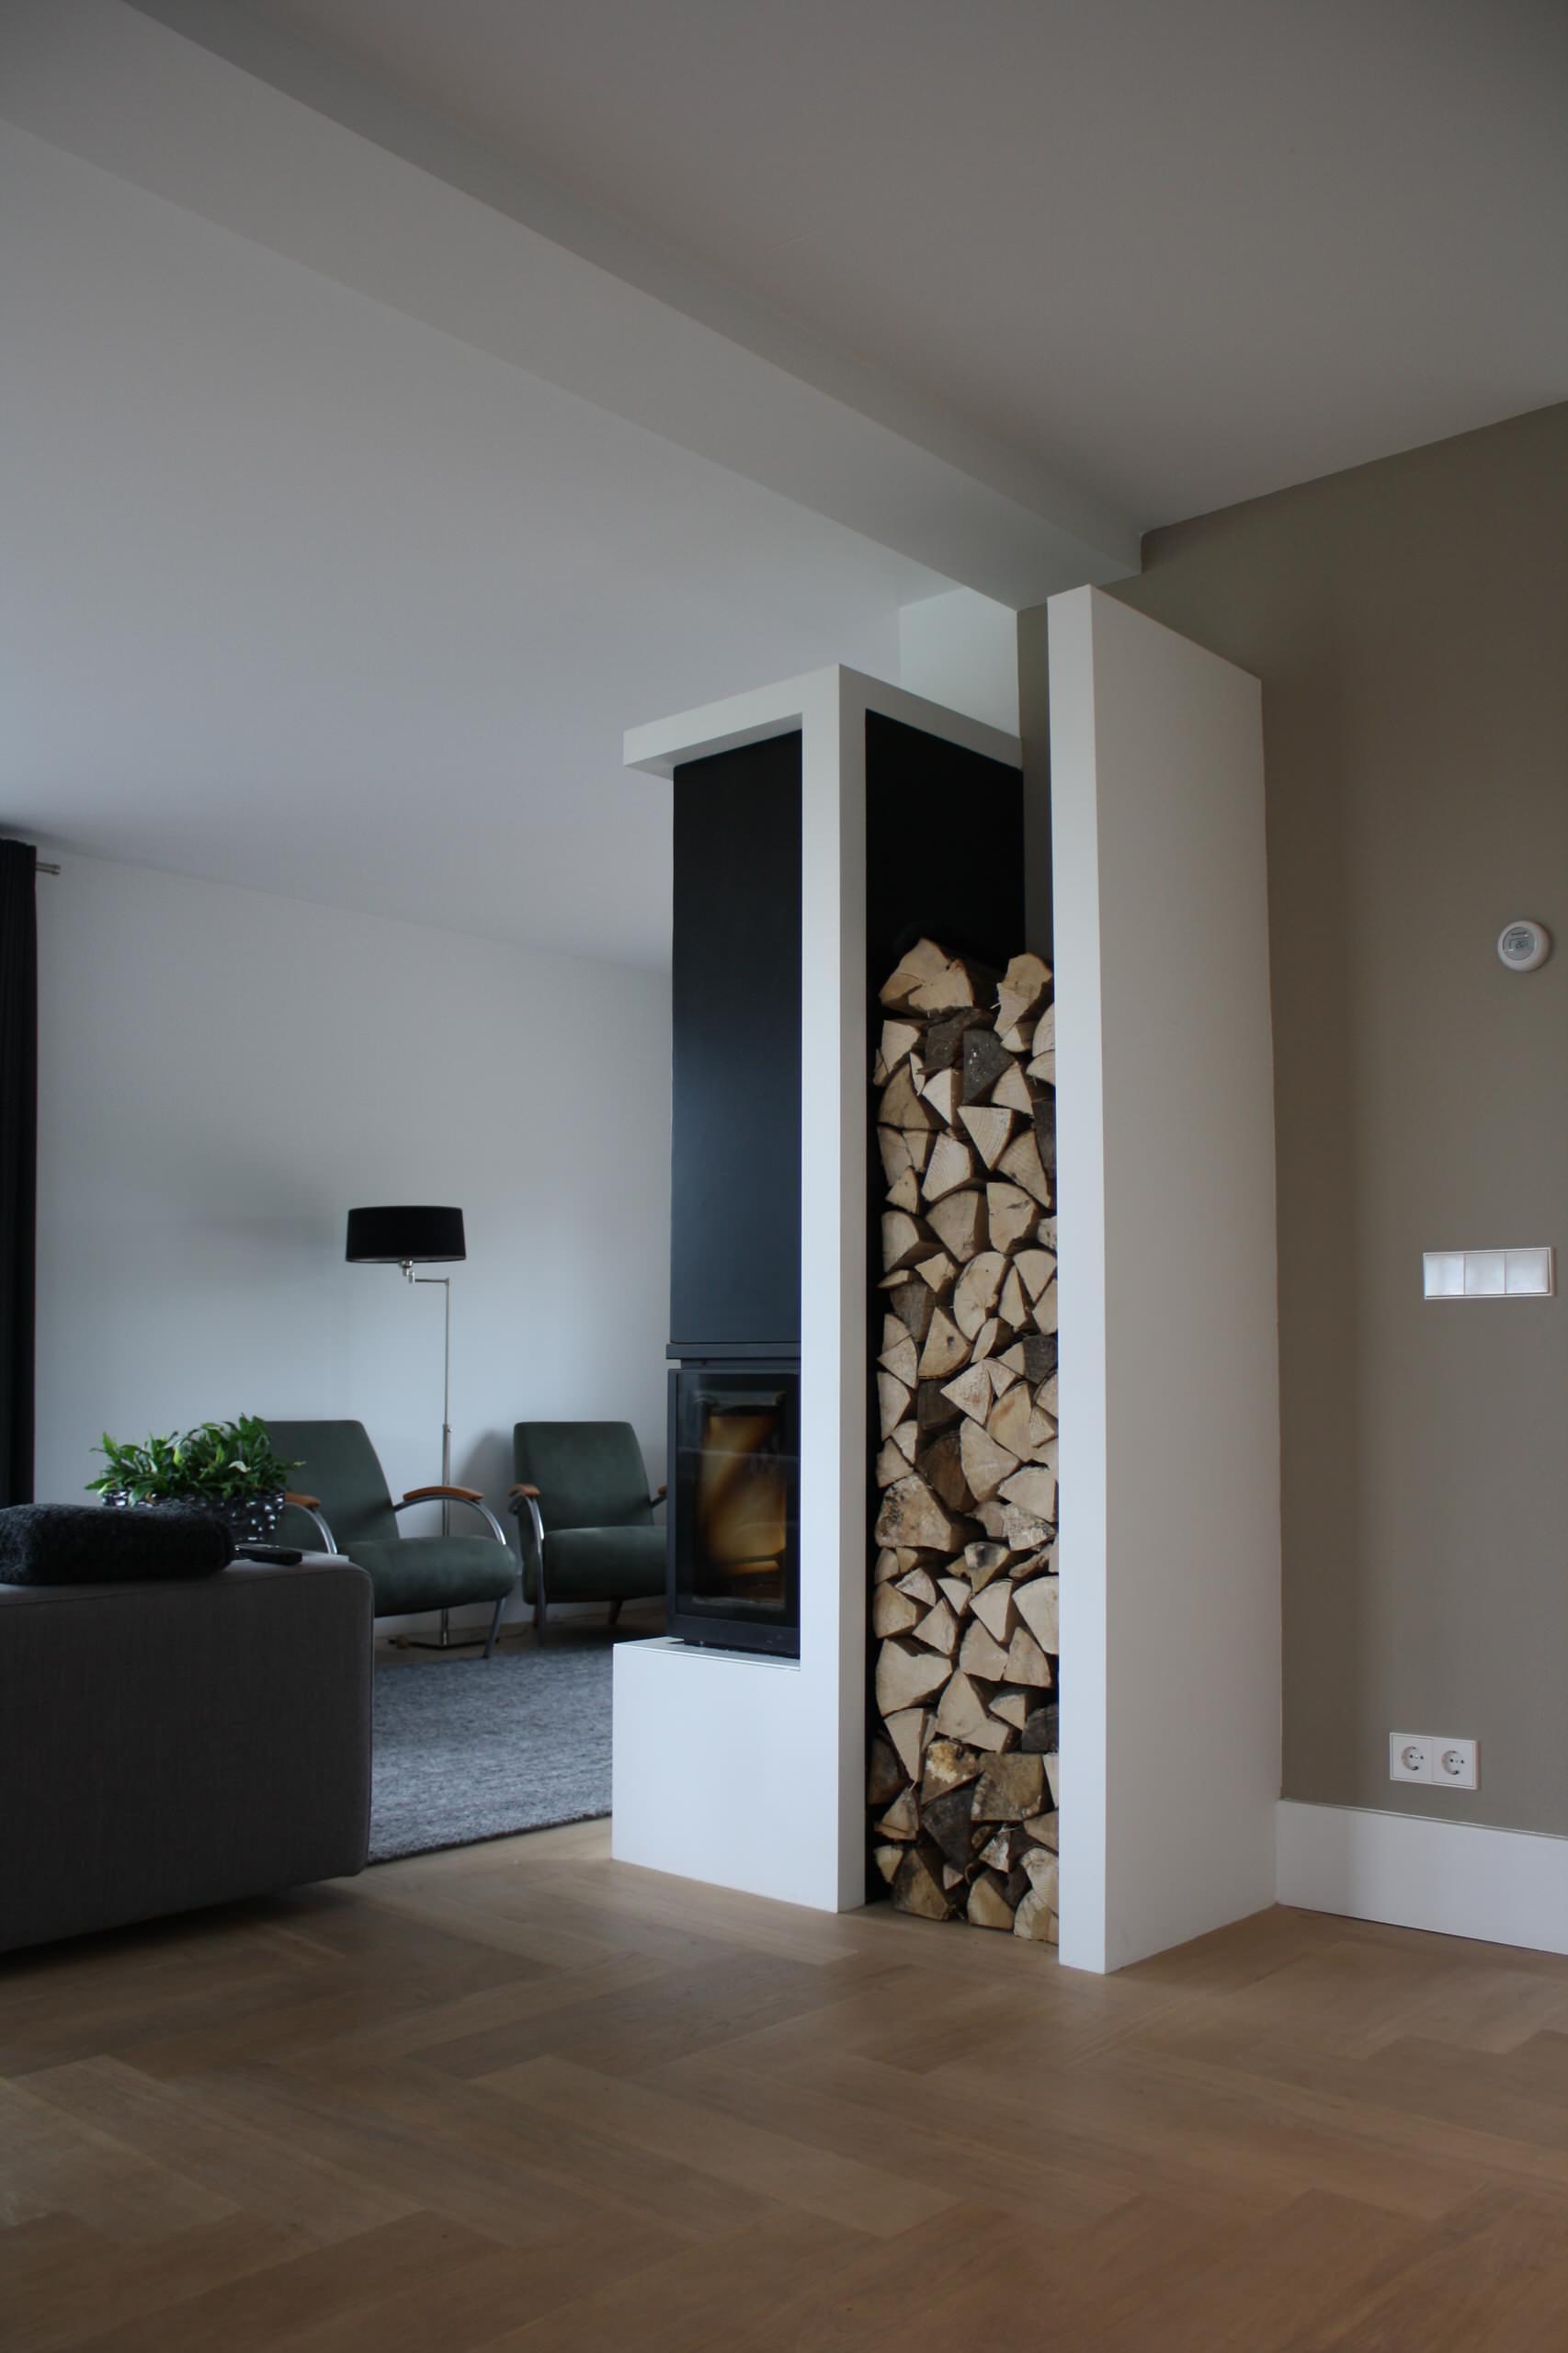 Wie soll ich mein Brennholz lagern, damit mein Kamin richtig heizen kann?